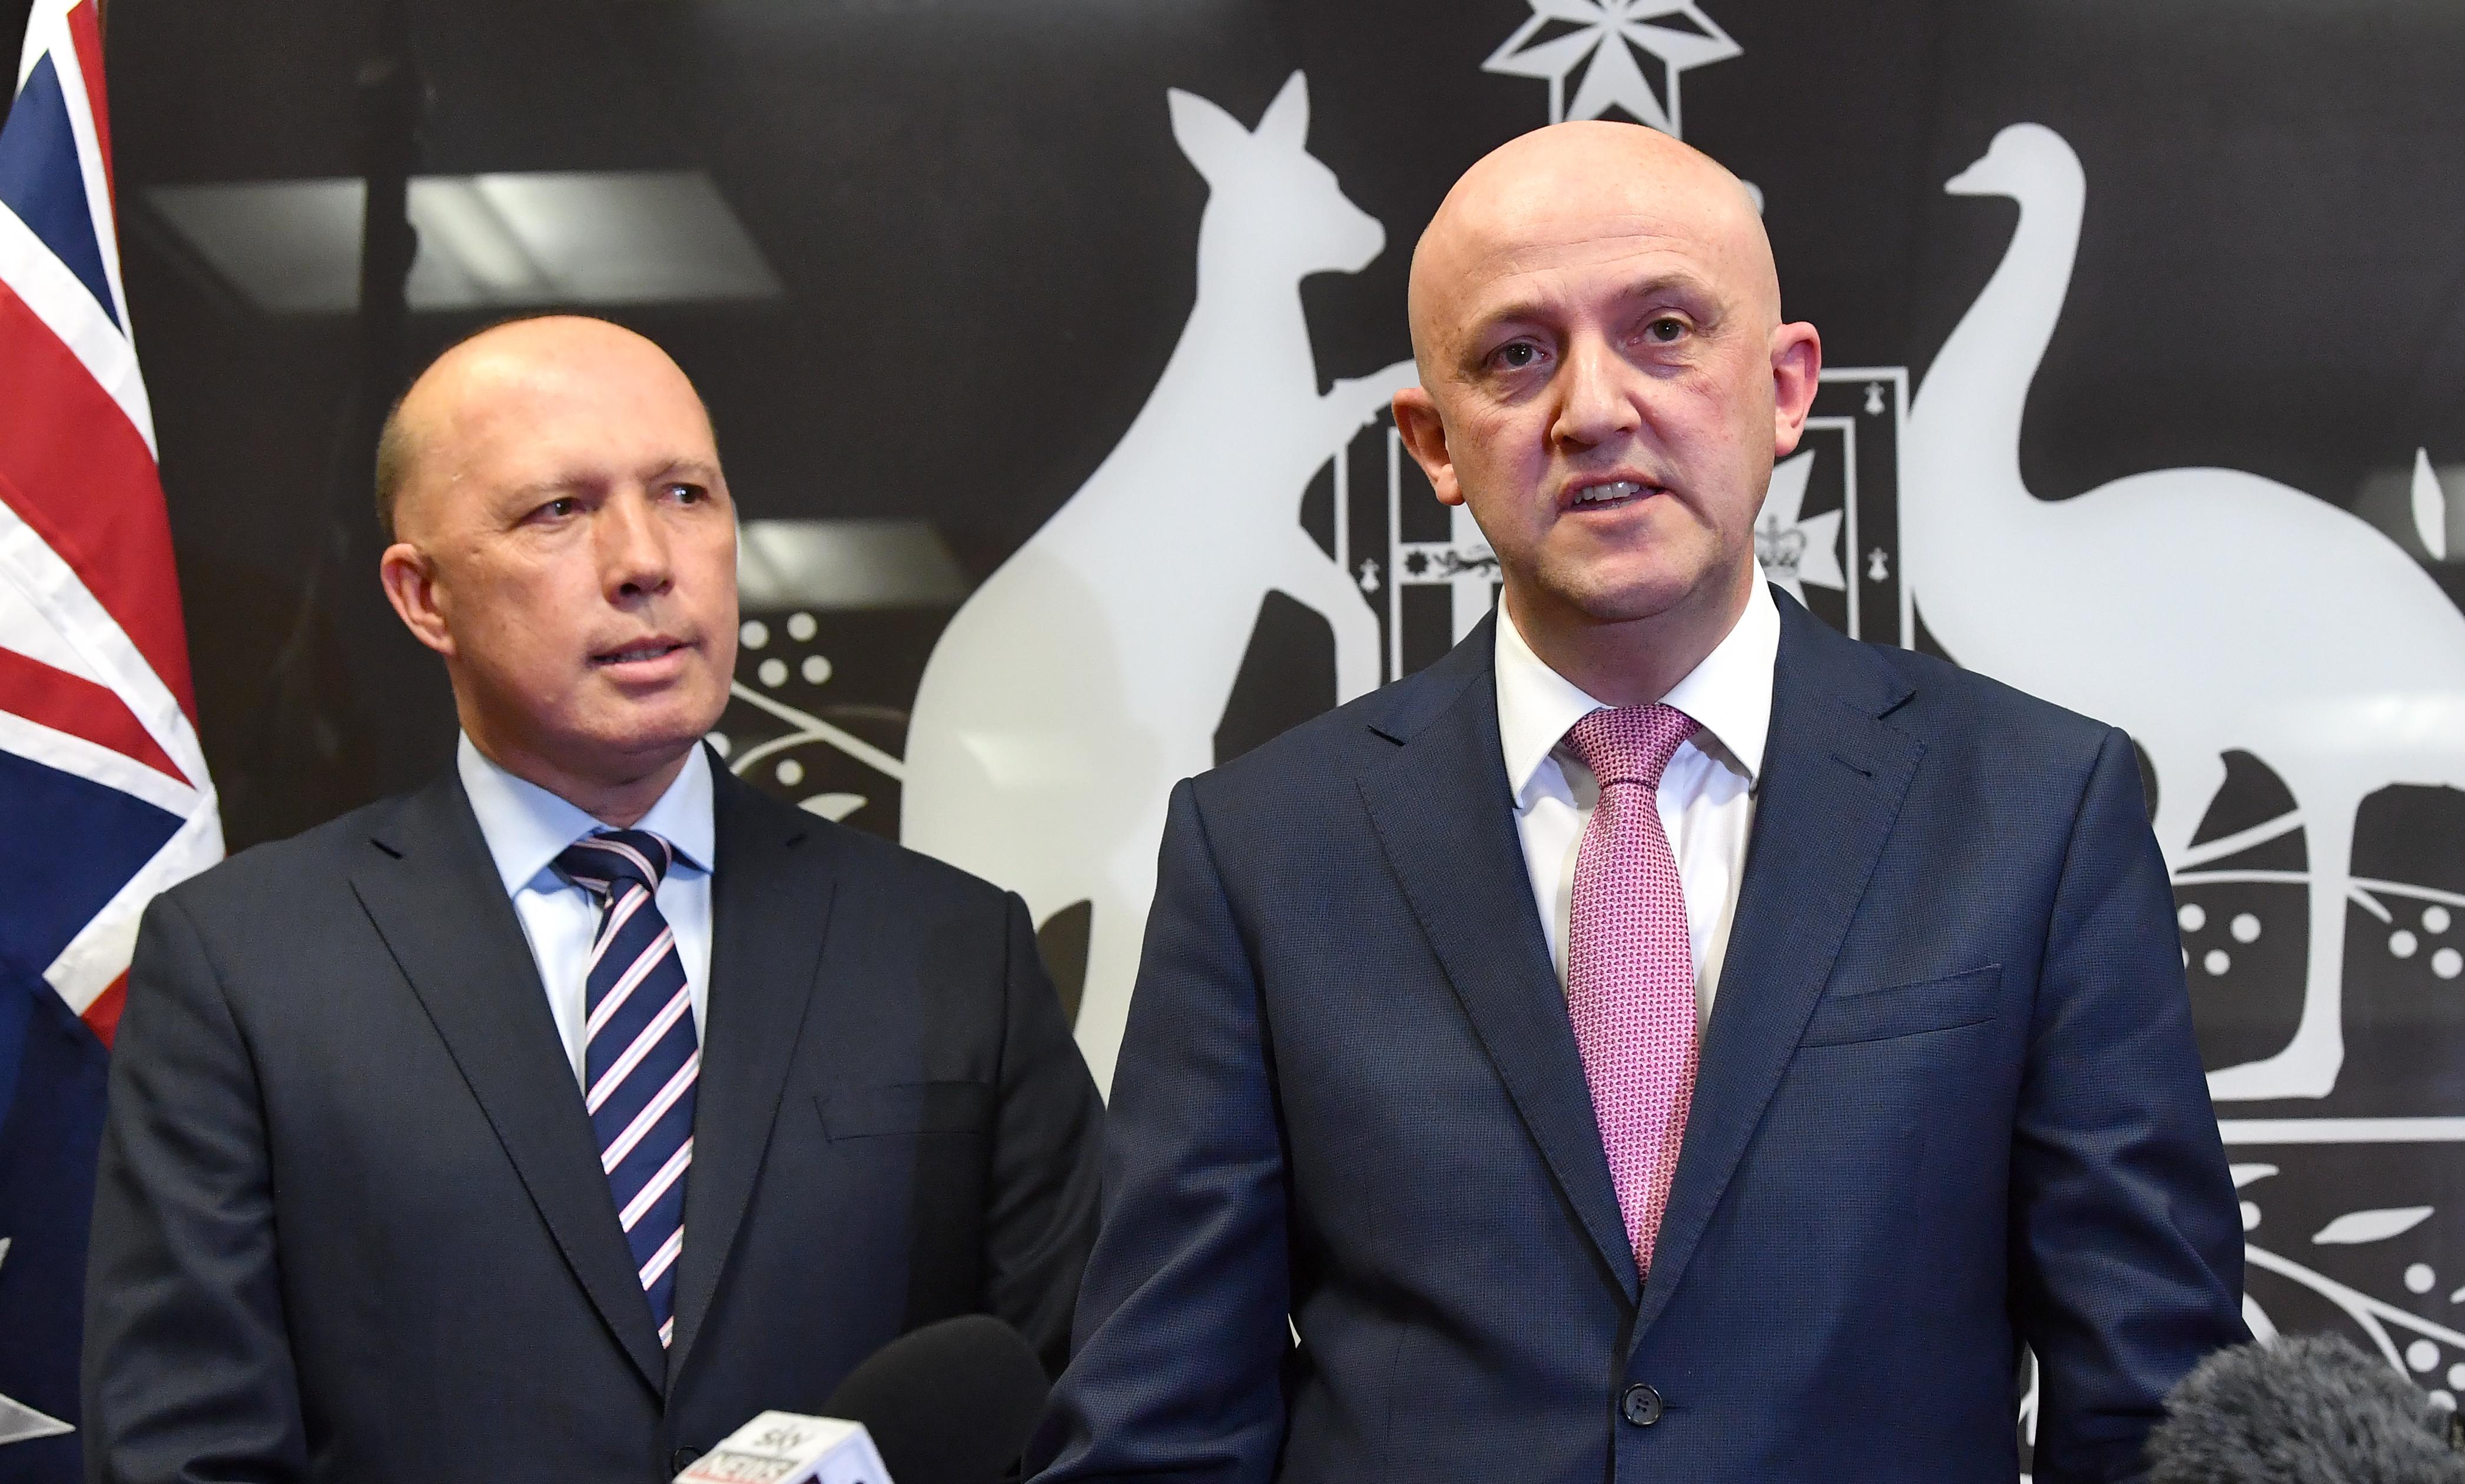 澳情報局將指導議員抵禦外國滲透 外長支持